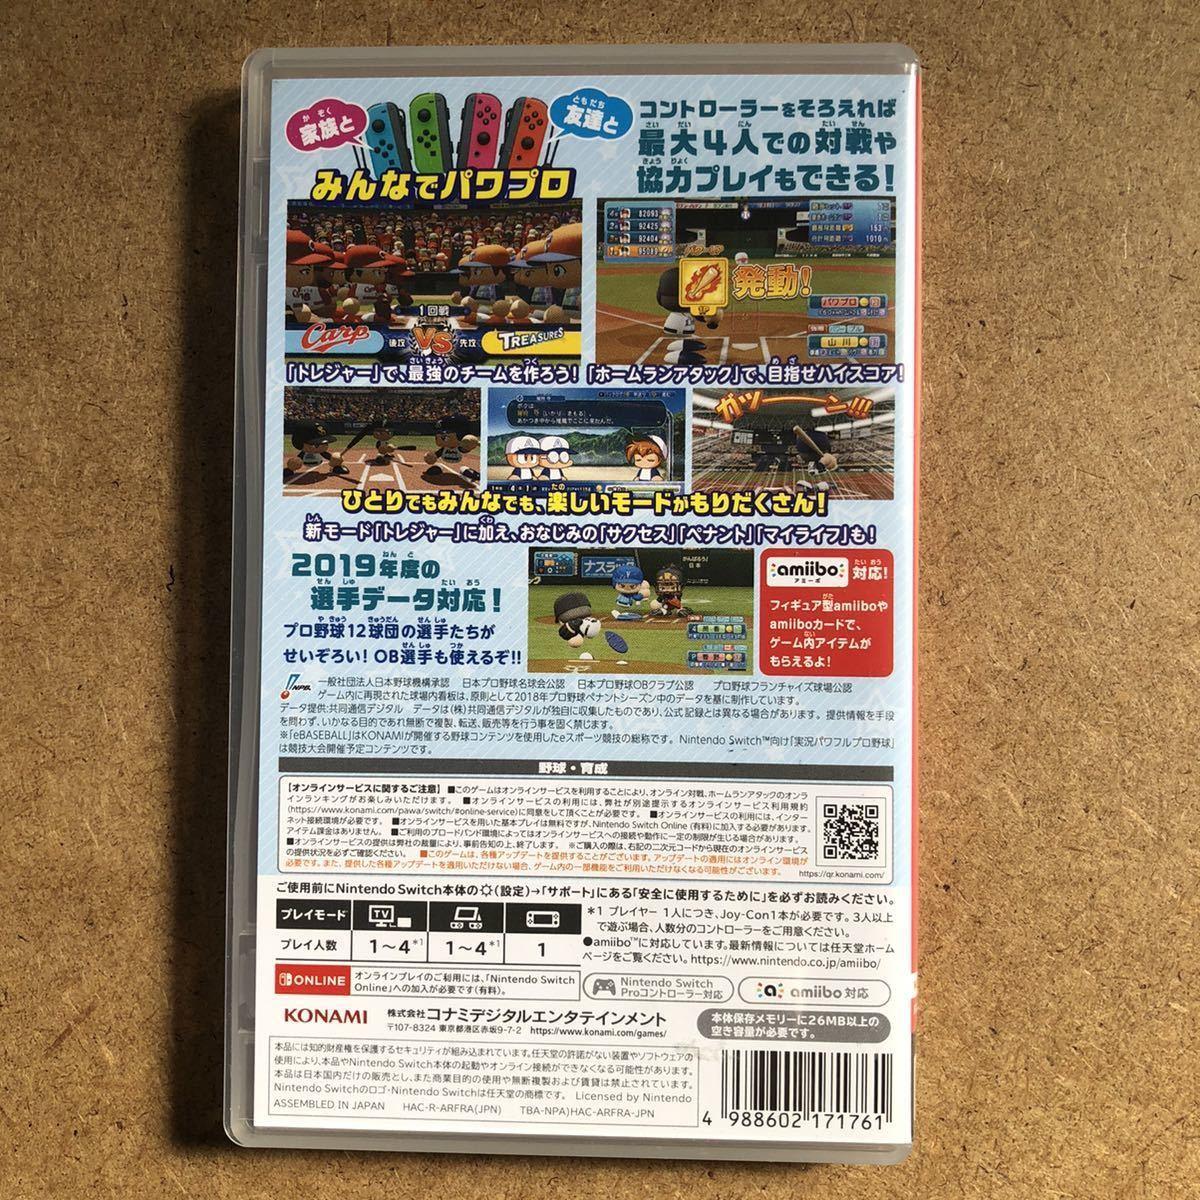 実況パワフルプロ野球2019年 Nintendo Switc パワプロ 中古品